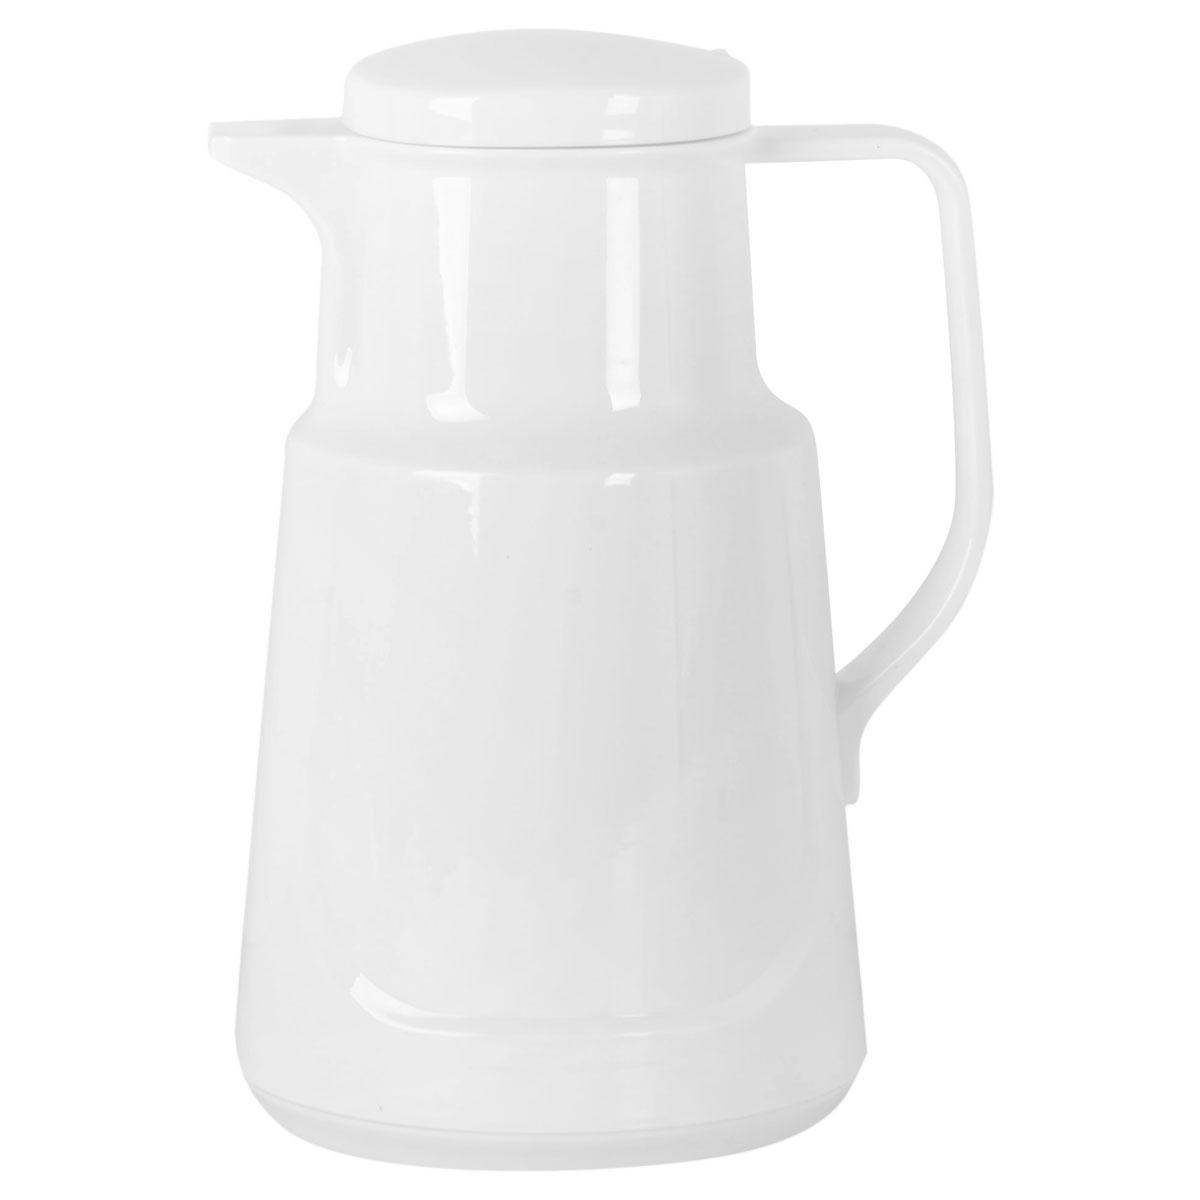 ترمس شاي وقهوة بلاستيك, 1 لتر , لون ابيض لؤلؤي , موديل YM-16123